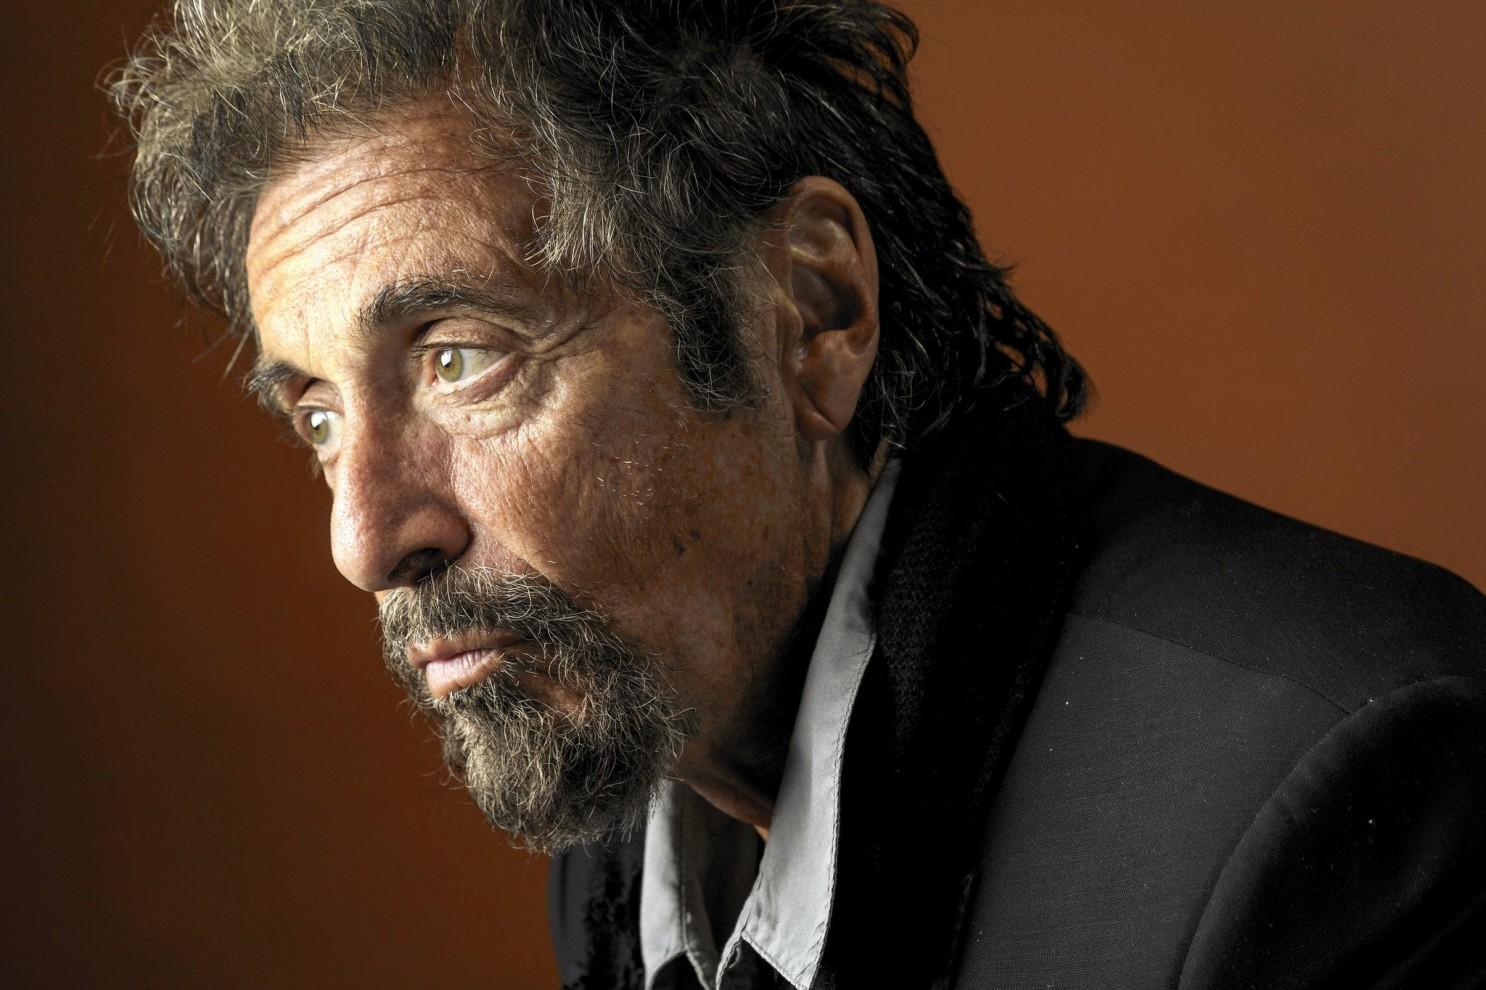 Má Conduta Filme Com Al Pacino E Anthony Hopkins Bate